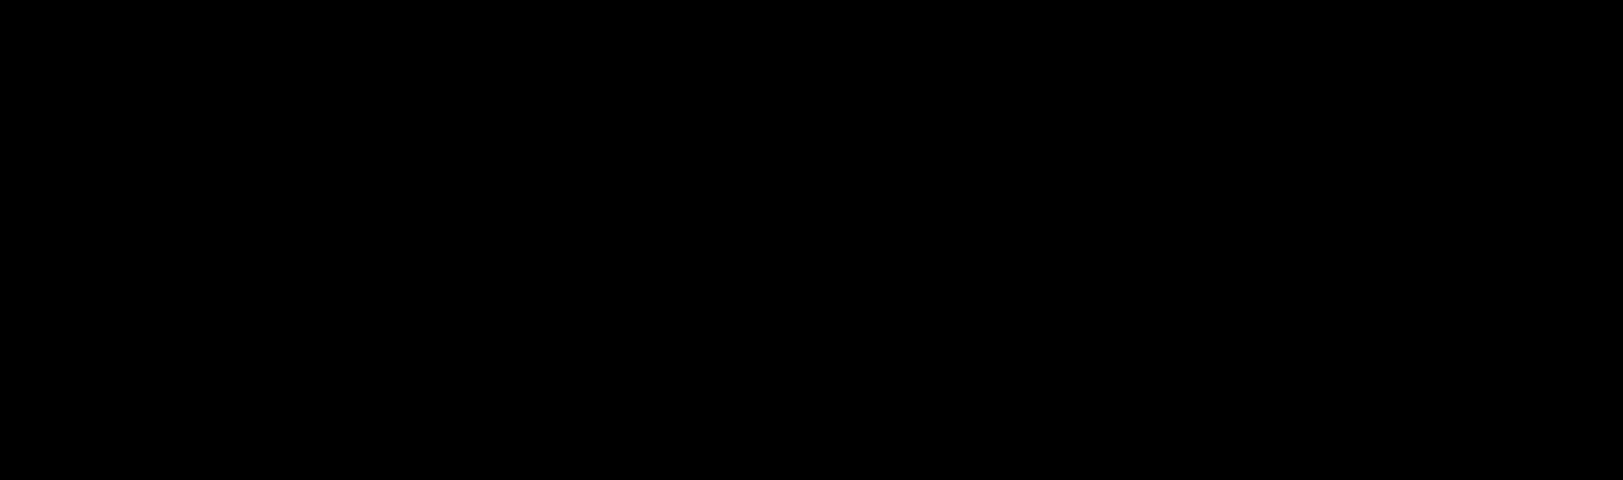 1,5-Bis(4-amidinophenoxy)-2-pentanol